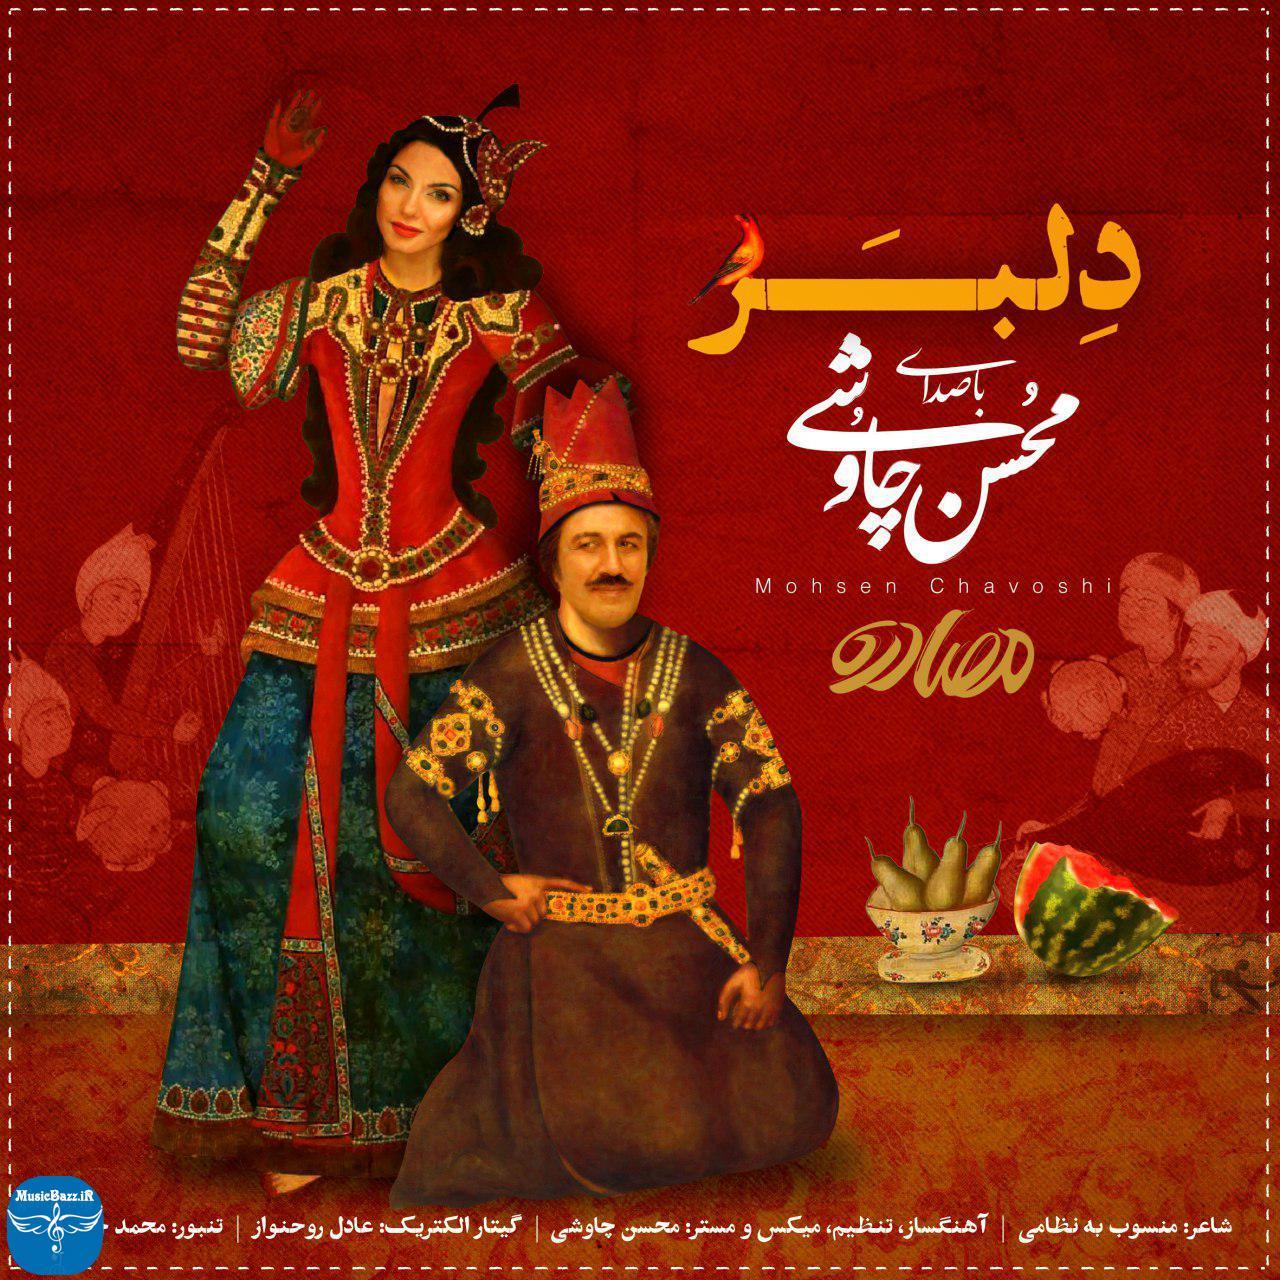 دانلود موزیک ویدیو جدیدمحسن چاوشیبه نامدلبر